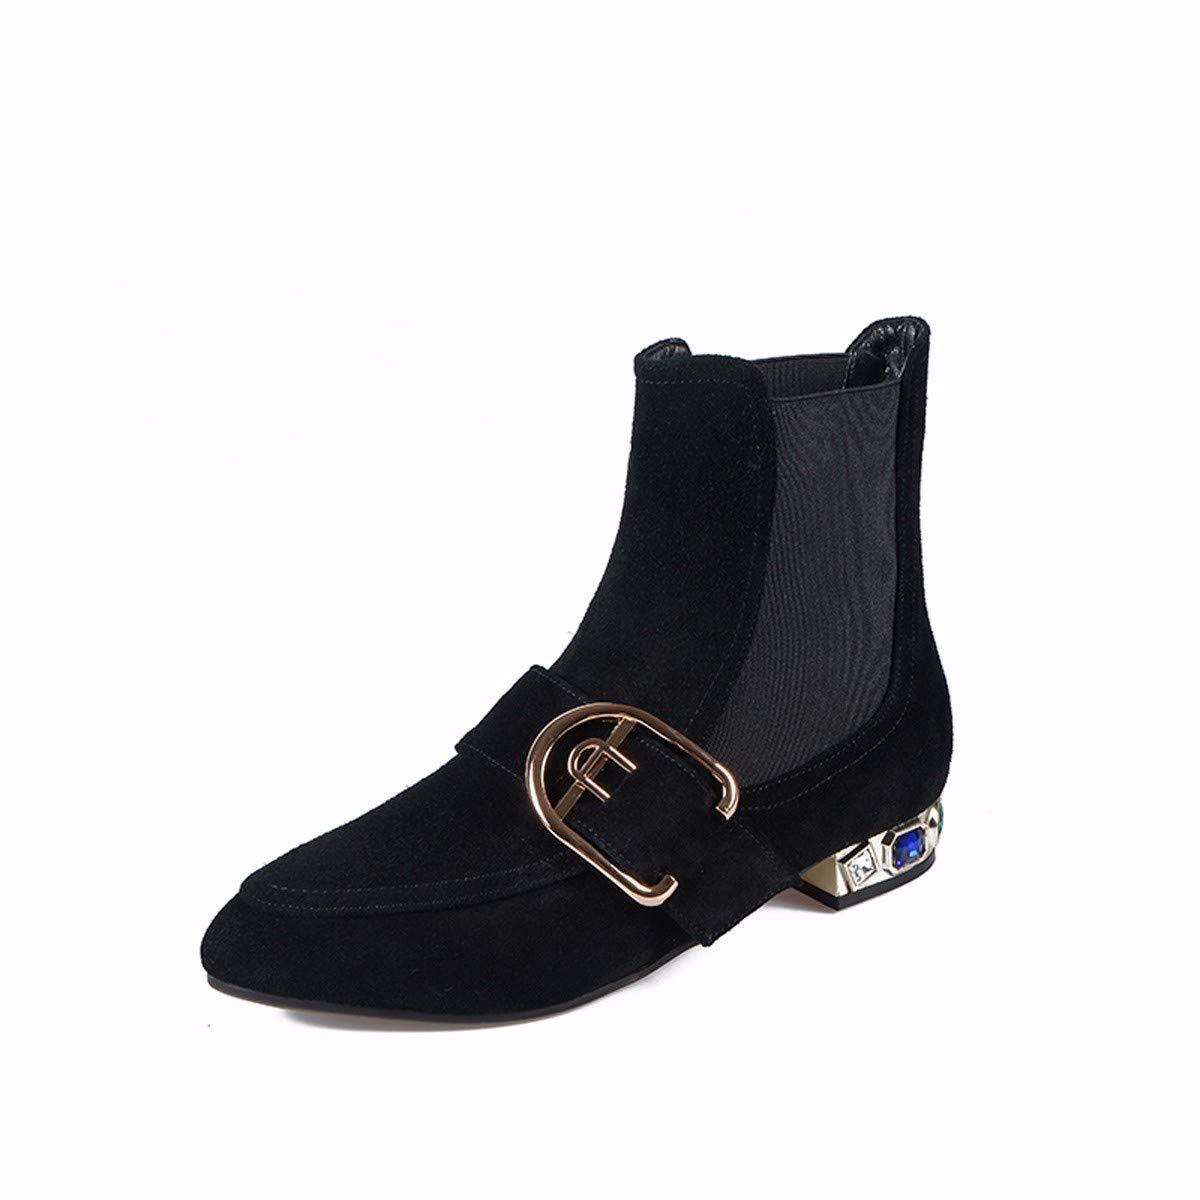 KPHY Damenschuhe Schleifen Leder Heel 2Cm Stiefel Stiefel Stiefel Flachen Boden Wasser Läuft Metall Dekoration Martin Stiefel Und Stiefeletten 100 Sets. a5e770